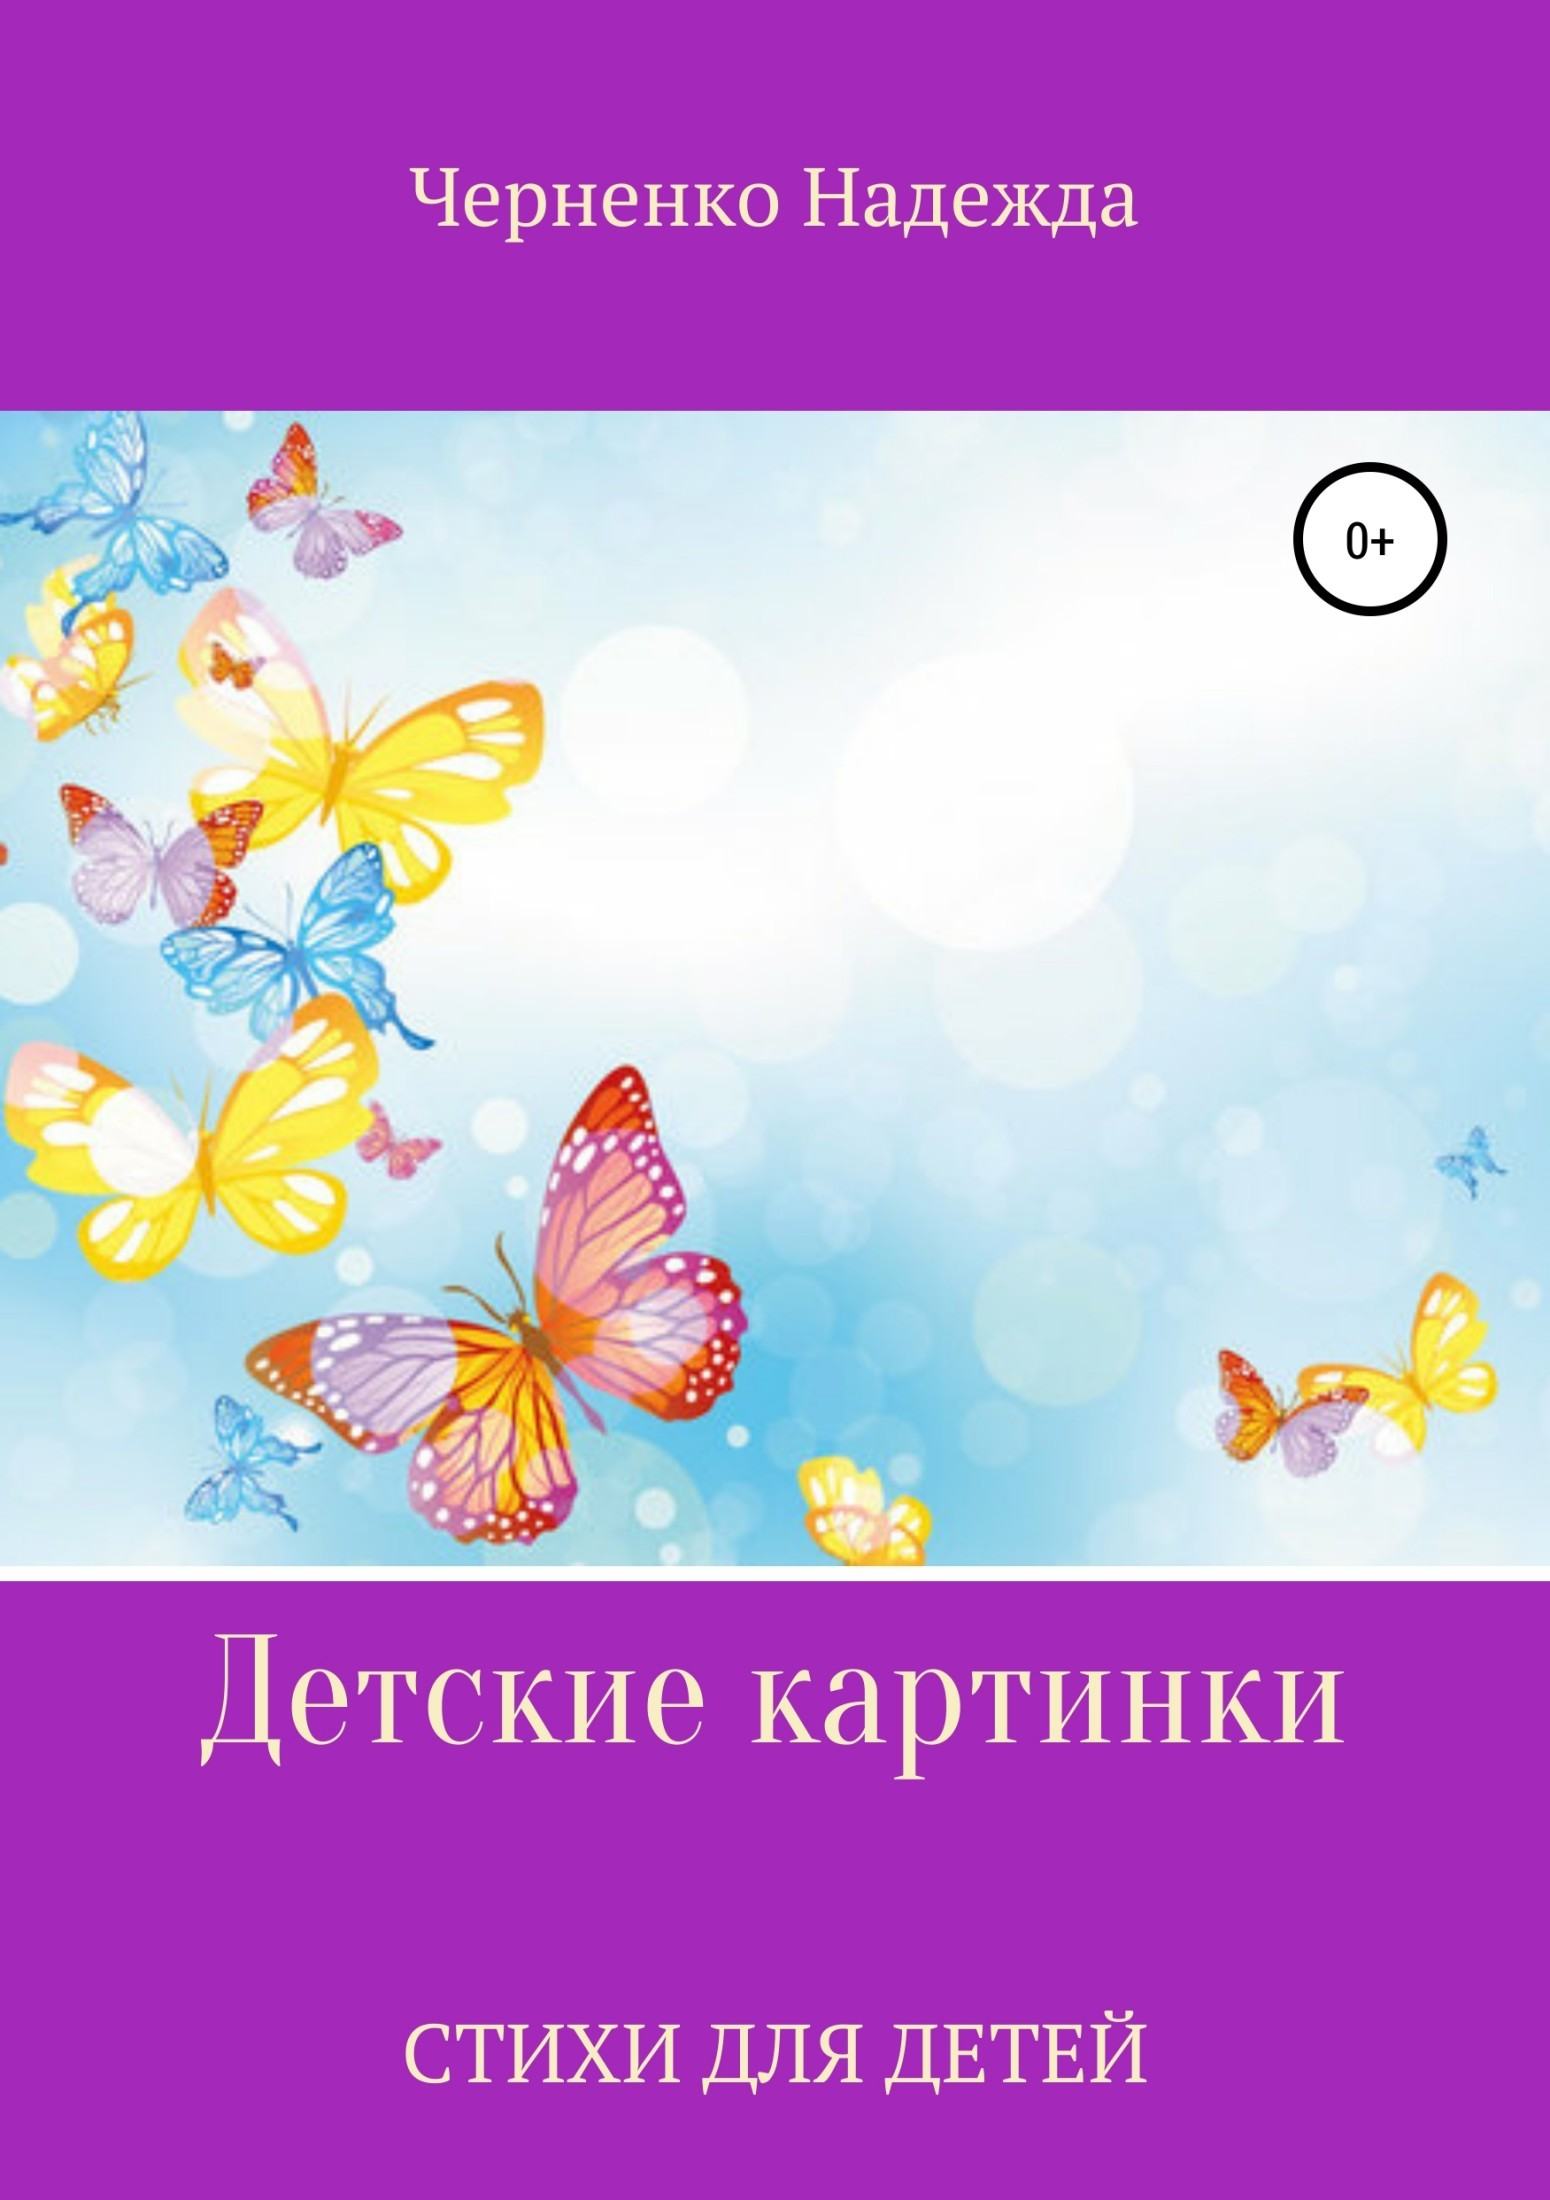 Надежда Николаевна Черненко Детские картинки надежда максимова мир будущего каким он будет